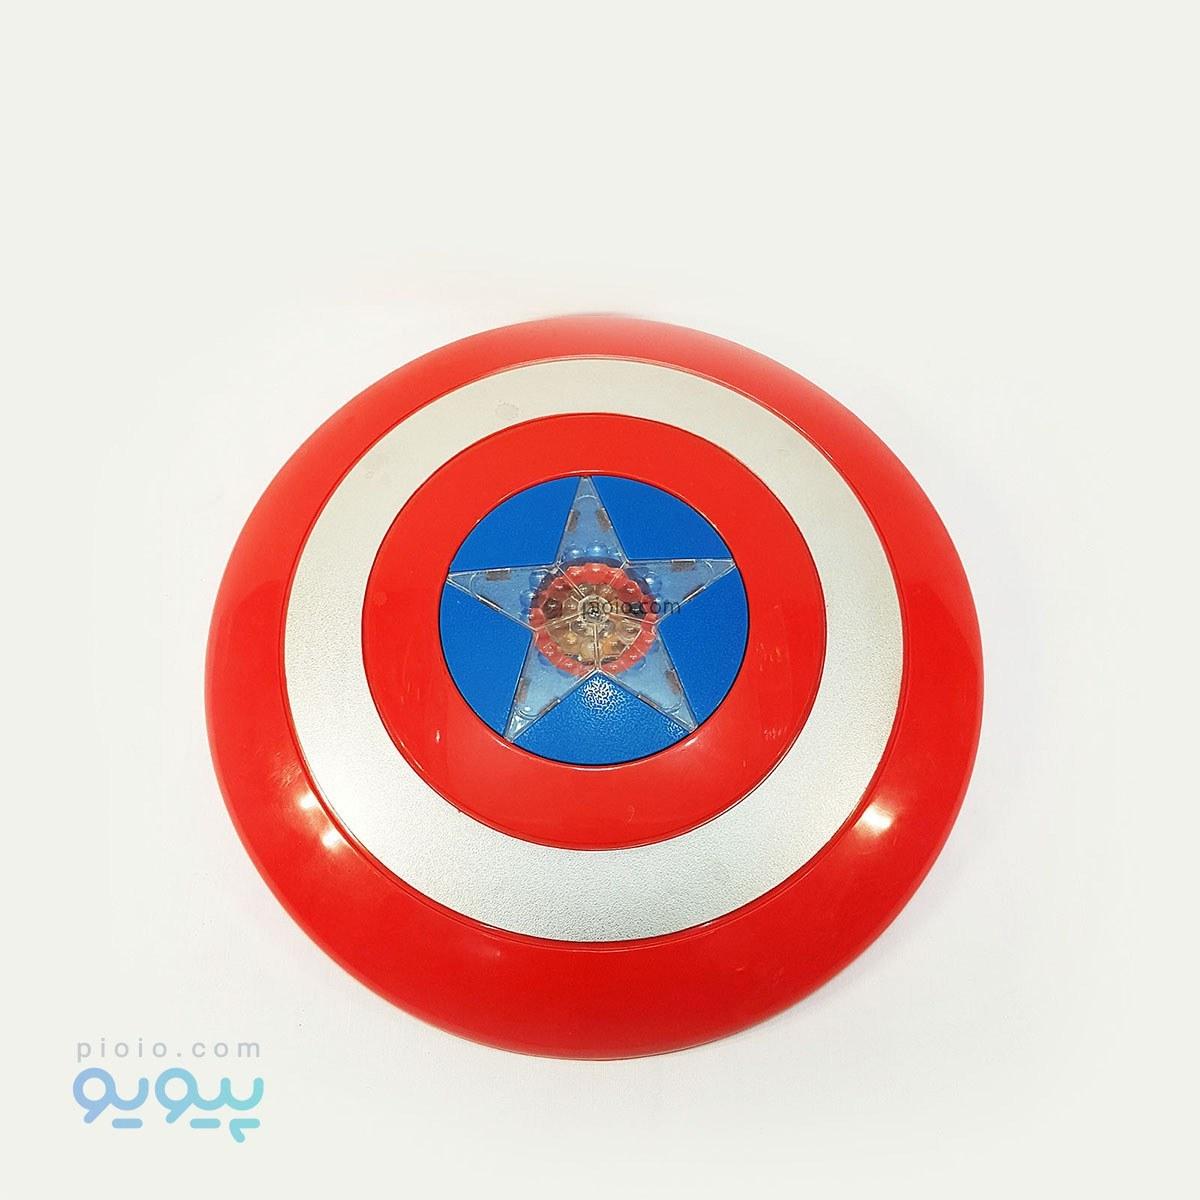 عکس اسباب بازی سپر کاپیتان آمریکا  اسباب-بازی-سپر-کاپیتان-امریکا